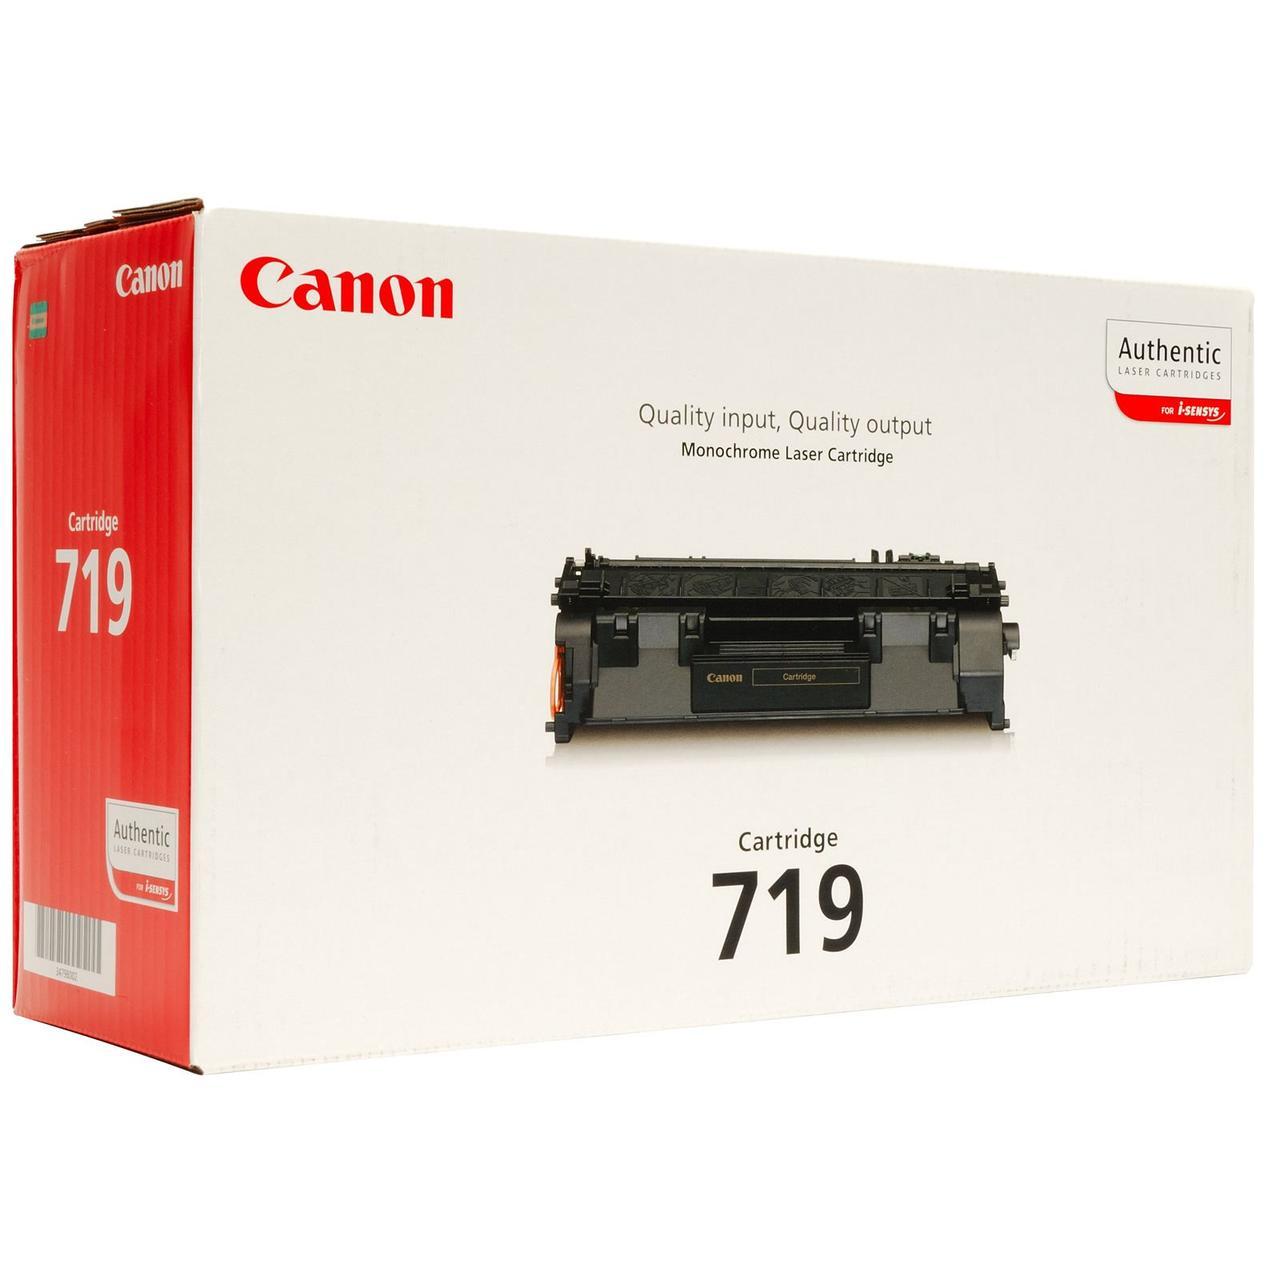 Тонер-картридж Canon 719 LBP-6300dn/6650dn/MF5580 Black 2100 страниц